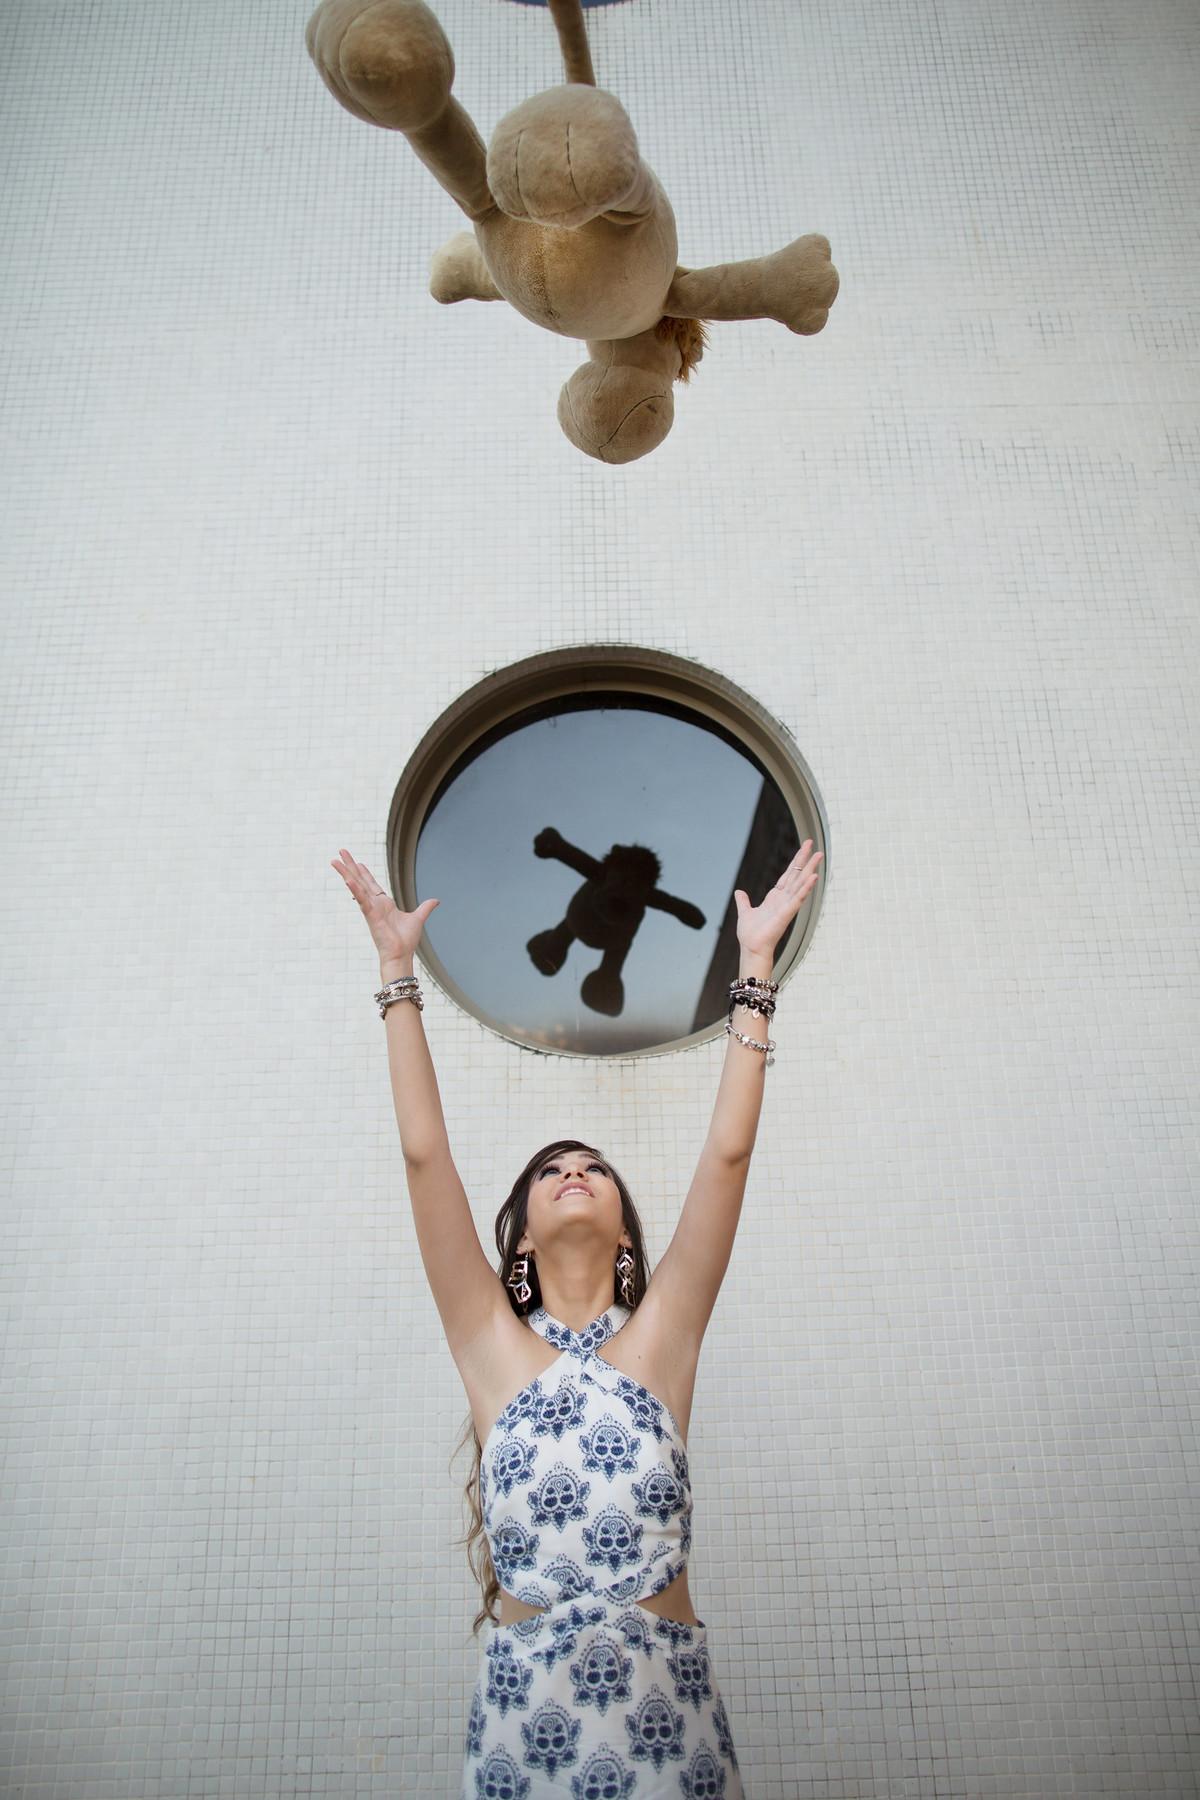 Meninas jogando urso pra cima foto feita pelo fotógrafo Rafael Ohana em Brasília-DF